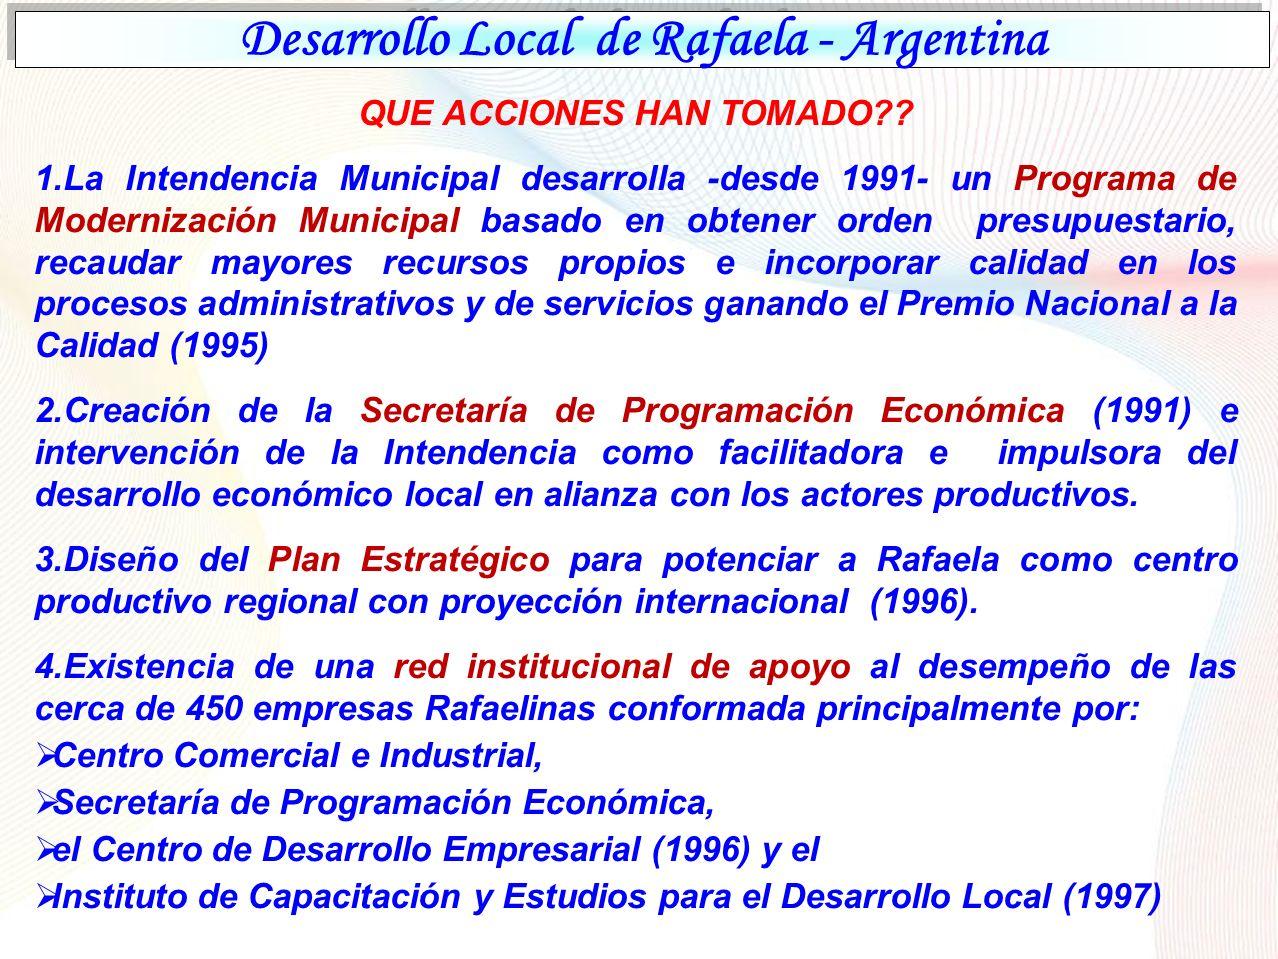 DESARROLLO SOCIAL E INSTITUCIONAL LA INSTITUCIONALIDAD Gobierno Local El Sector Empresarial: Centro Comercial e Industrial de Rafaela y la Región (CCIRR).